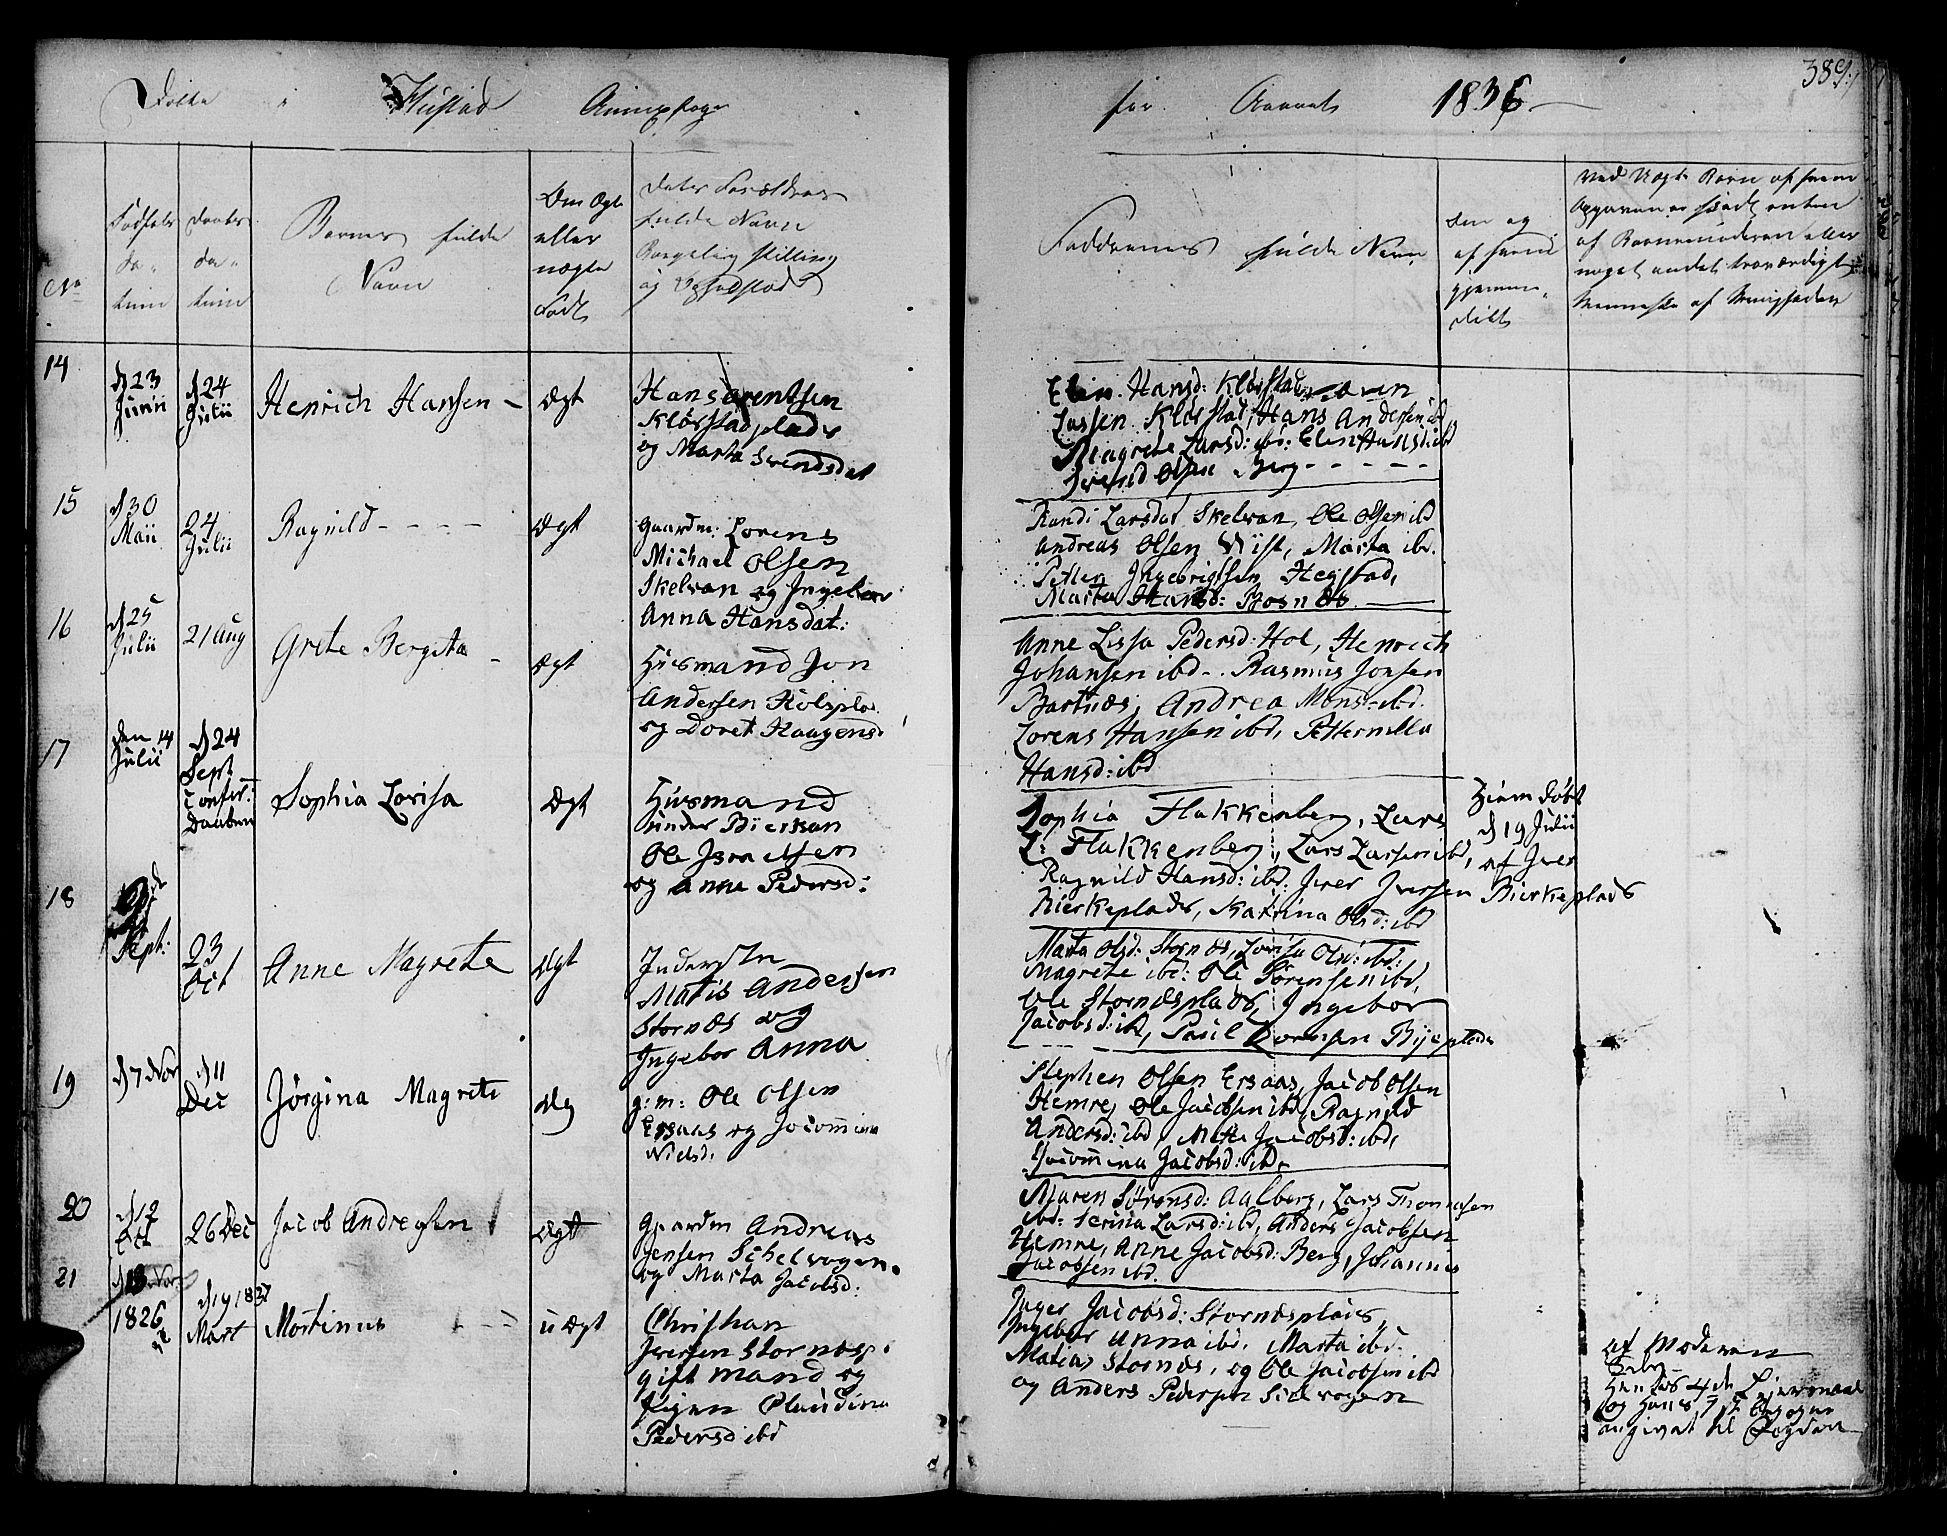 SAT, Ministerialprotokoller, klokkerbøker og fødselsregistre - Nord-Trøndelag, 730/L0277: Ministerialbok nr. 730A06 /3, 1830-1839, s. 389